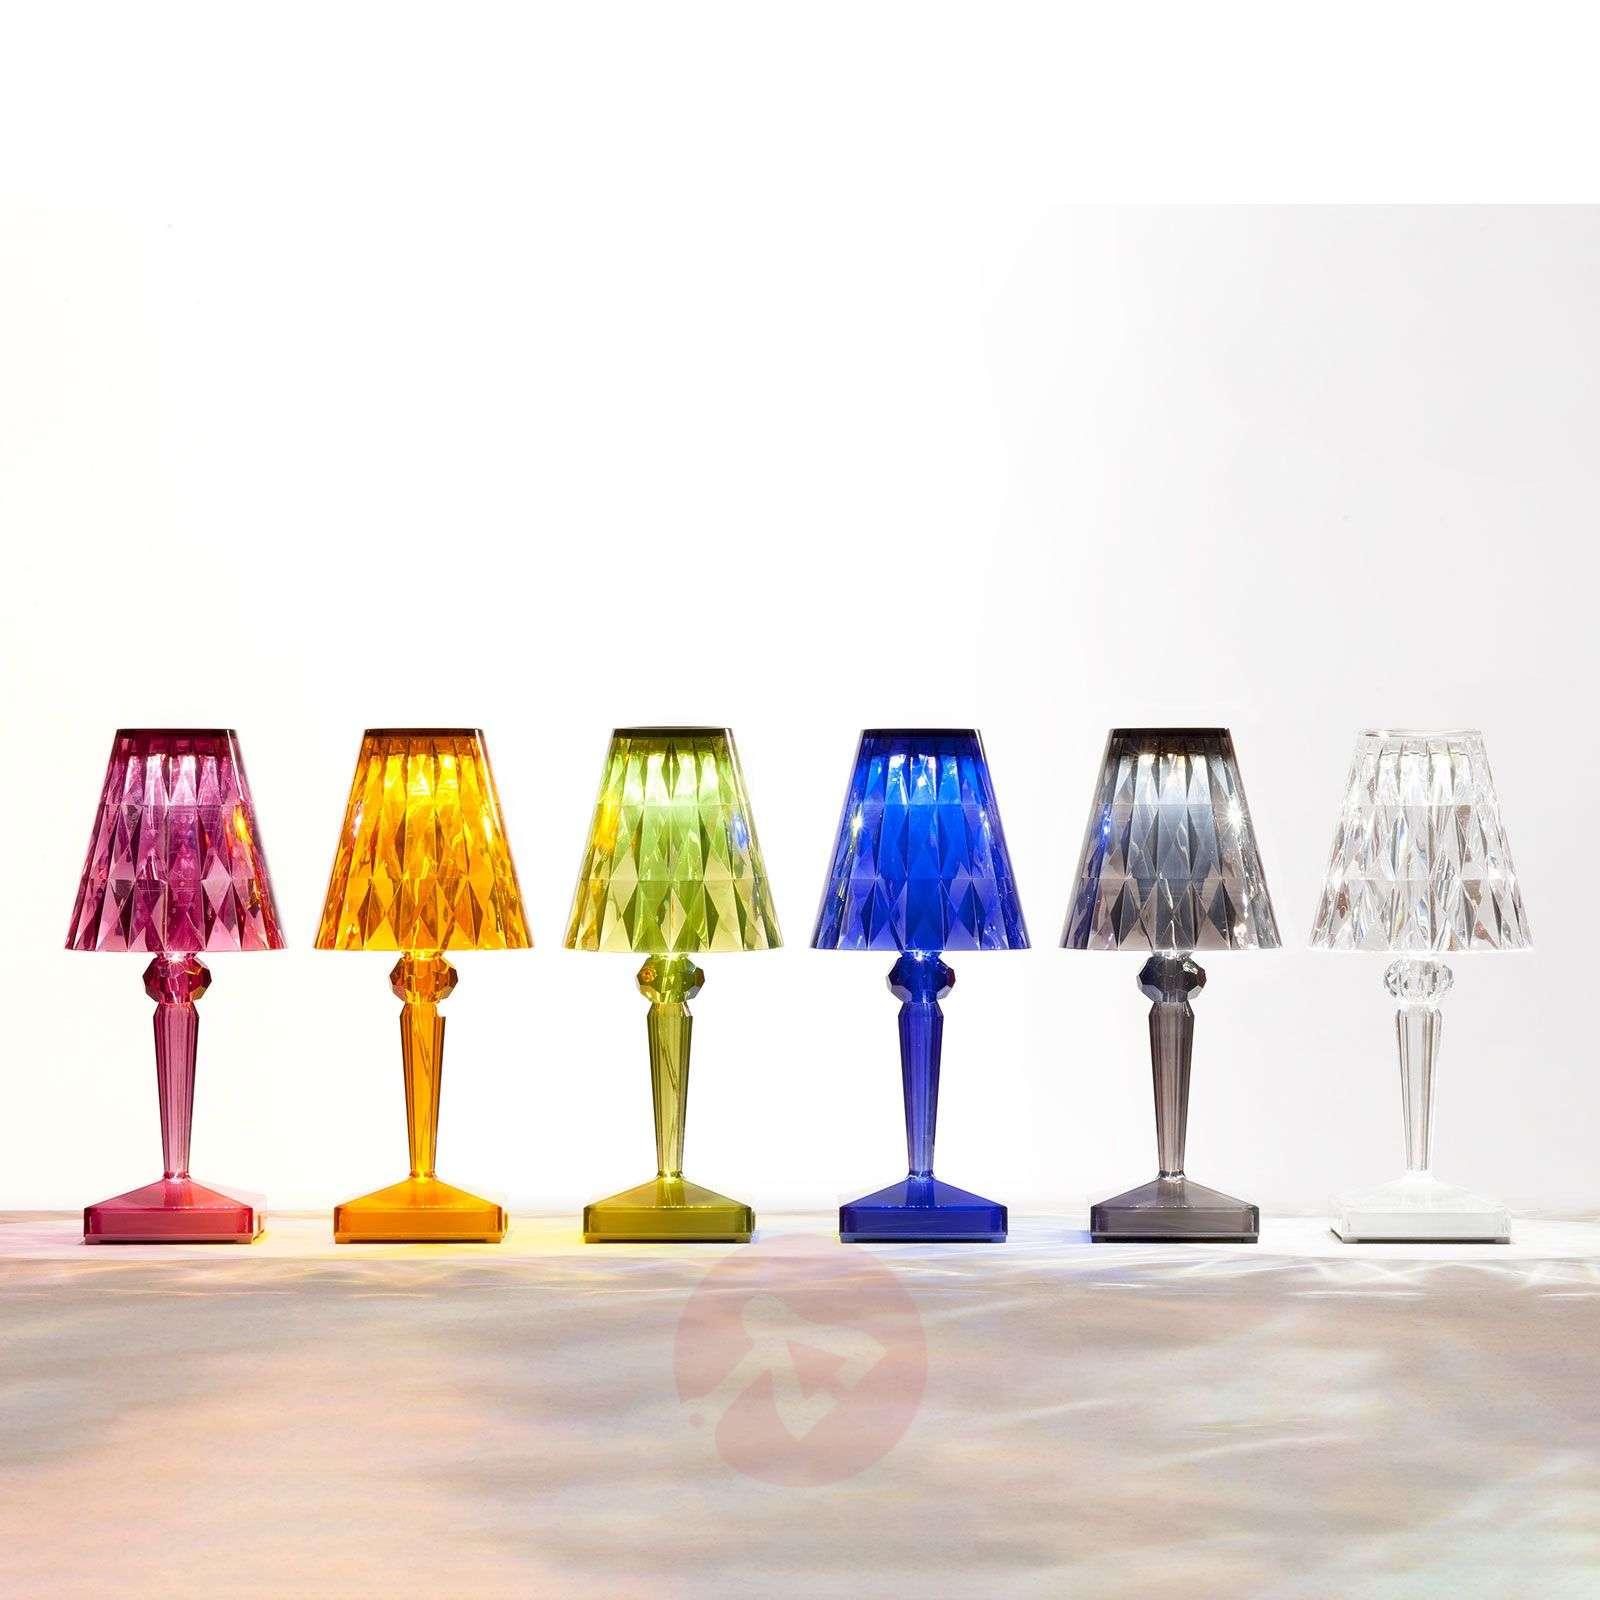 LED-koristepöytälamppu Battery, IP54, savunharmaa-5541036-01